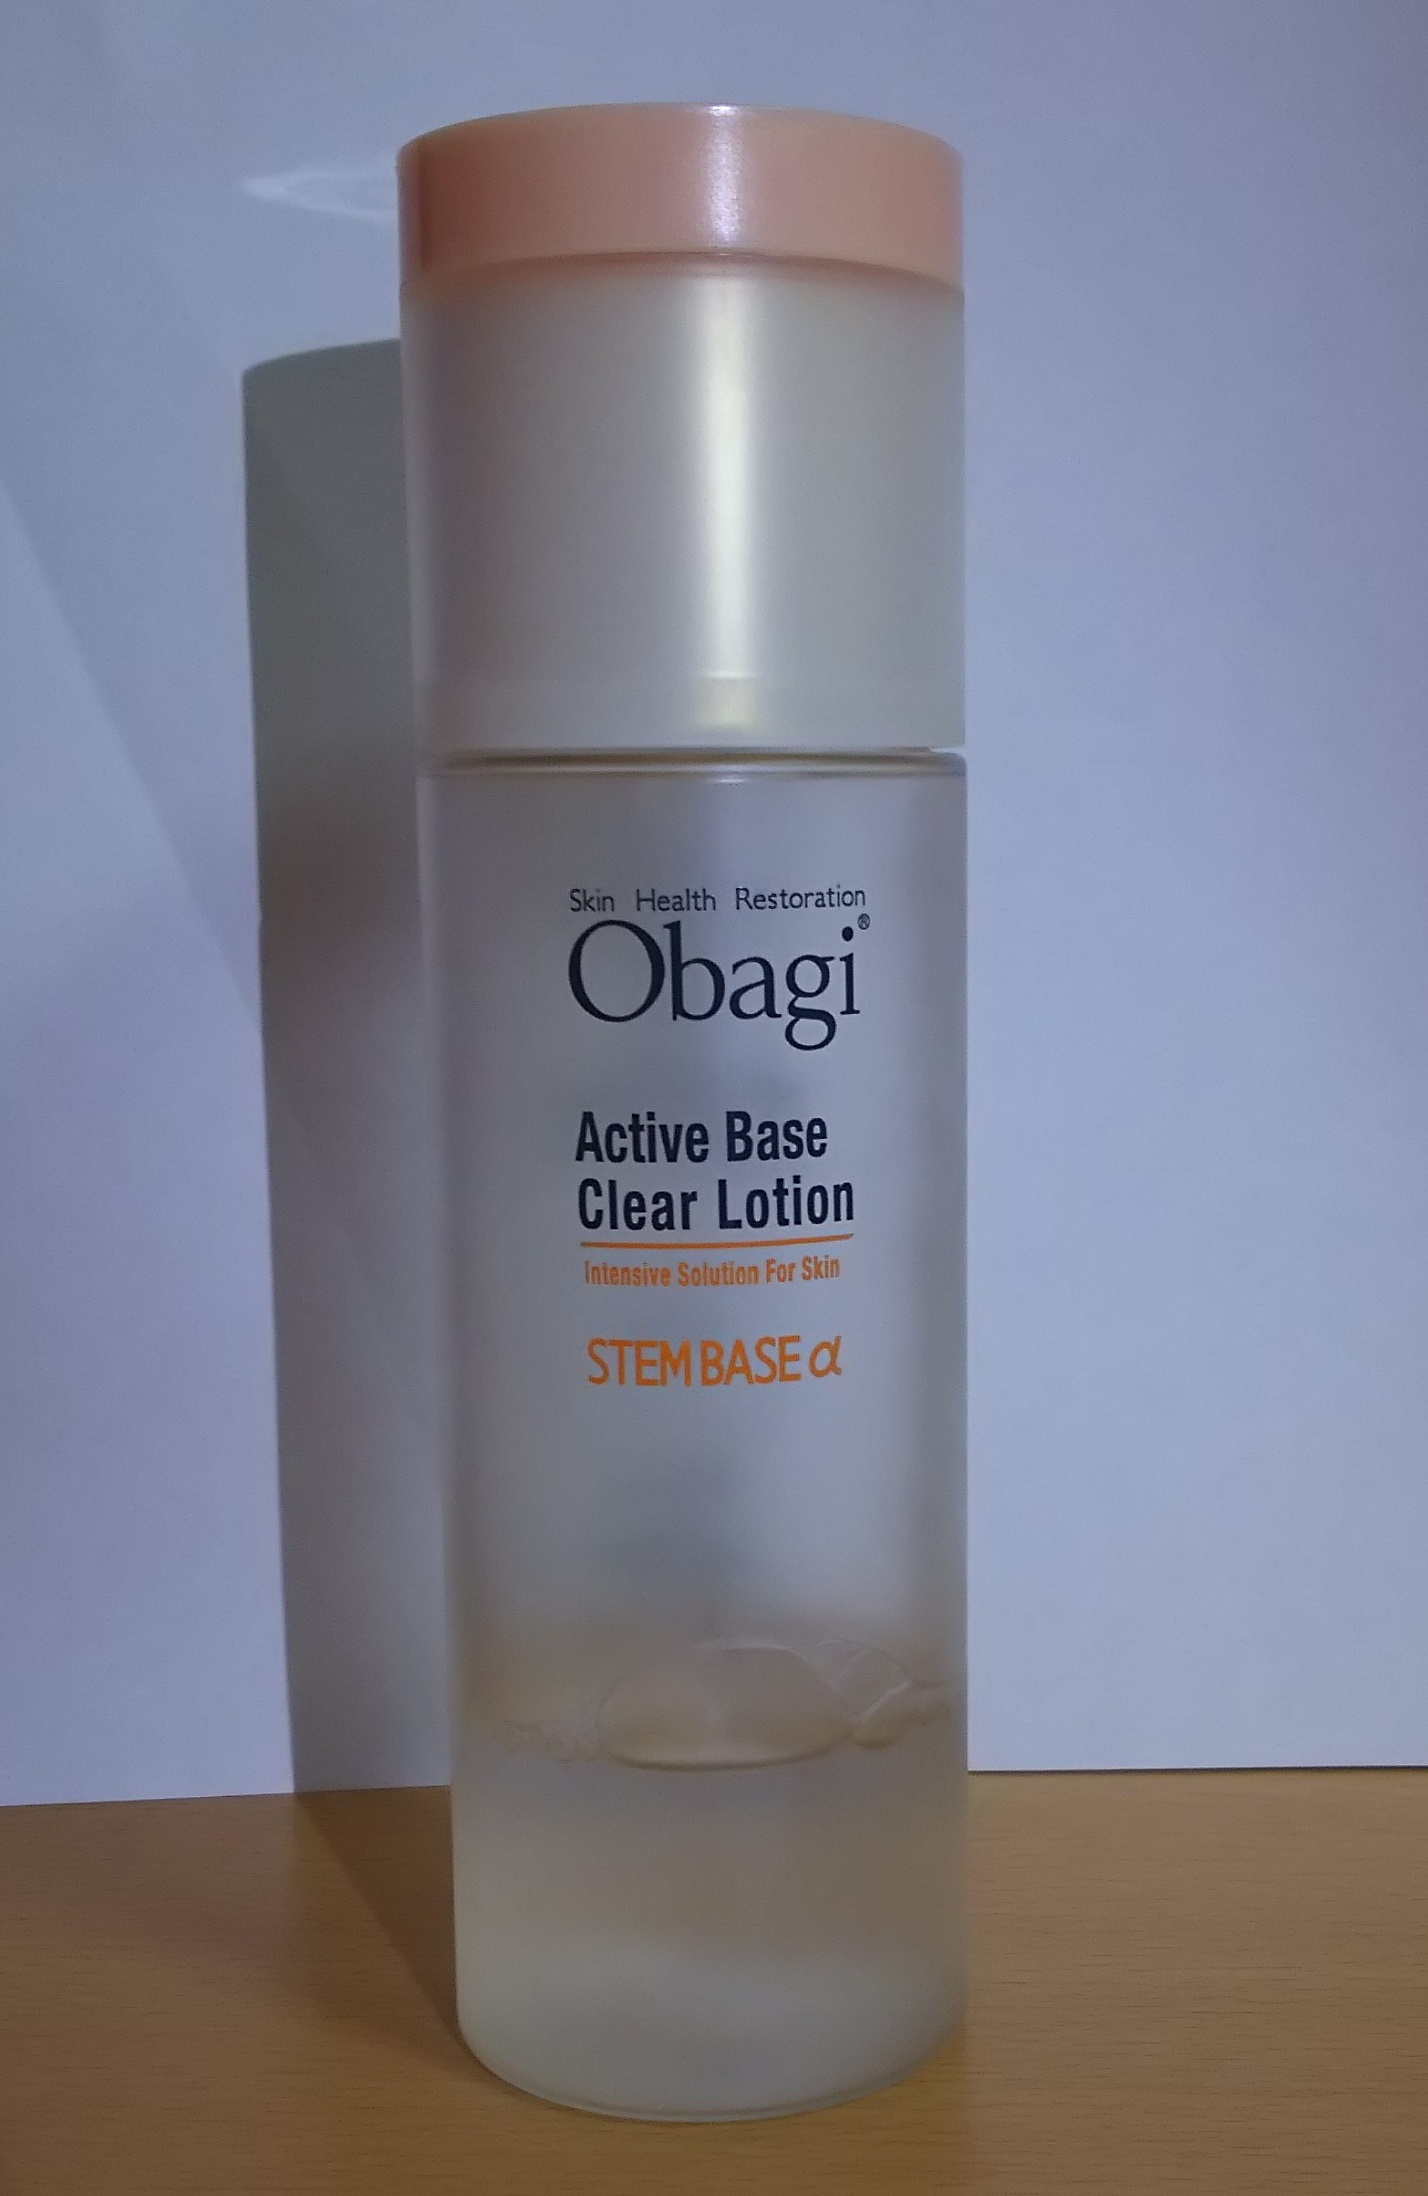 オバジの化粧水(オバジ アクティブベースクリアローション)を使ってみた(^ω^)